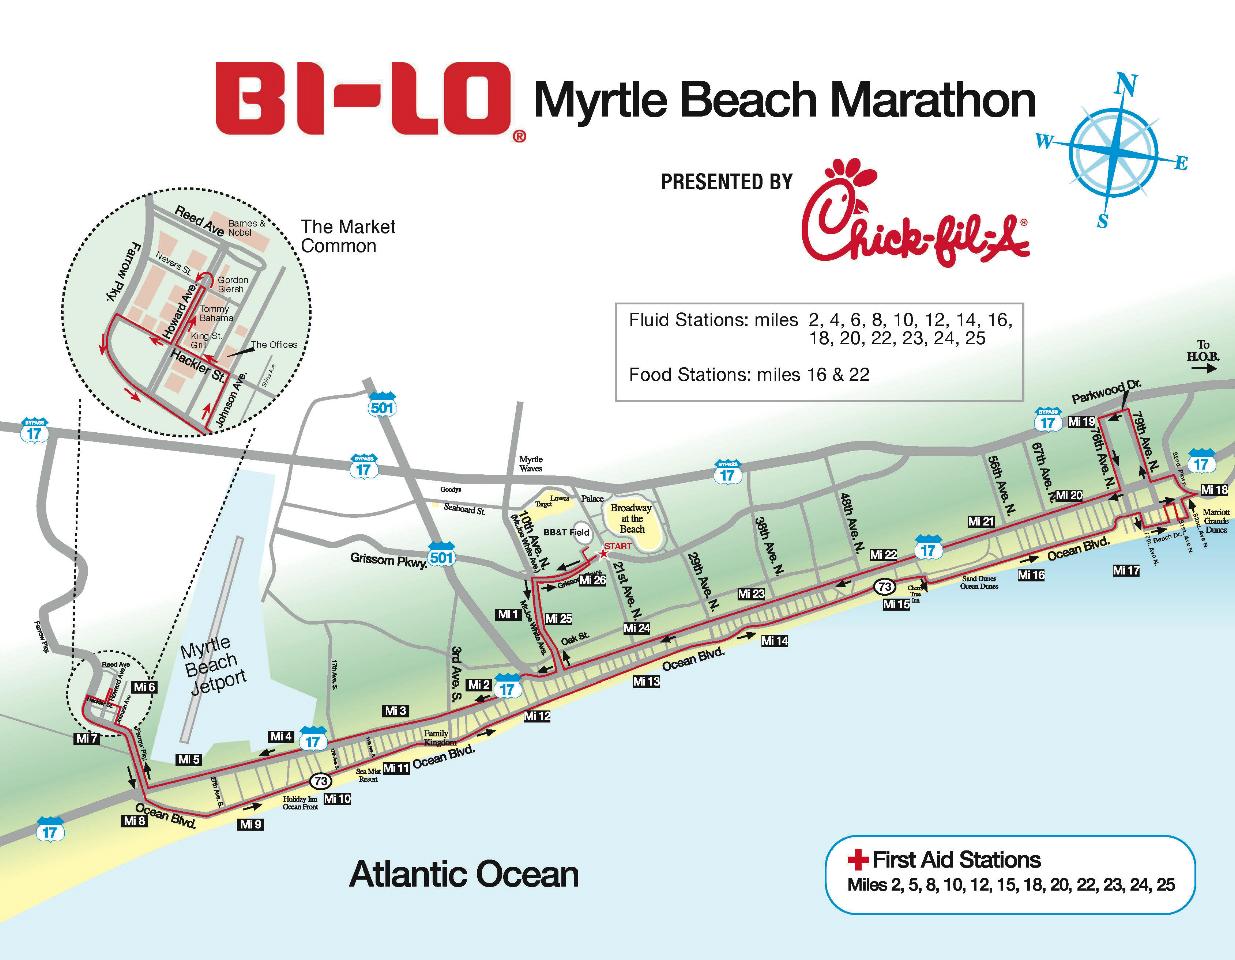 myrtle beach golf course map with Myrtle Beach Marathon Photos on Scorecard besides Myrtle Waves Water Park also Ambassador Golf Beach also Scorecard besides Directions.